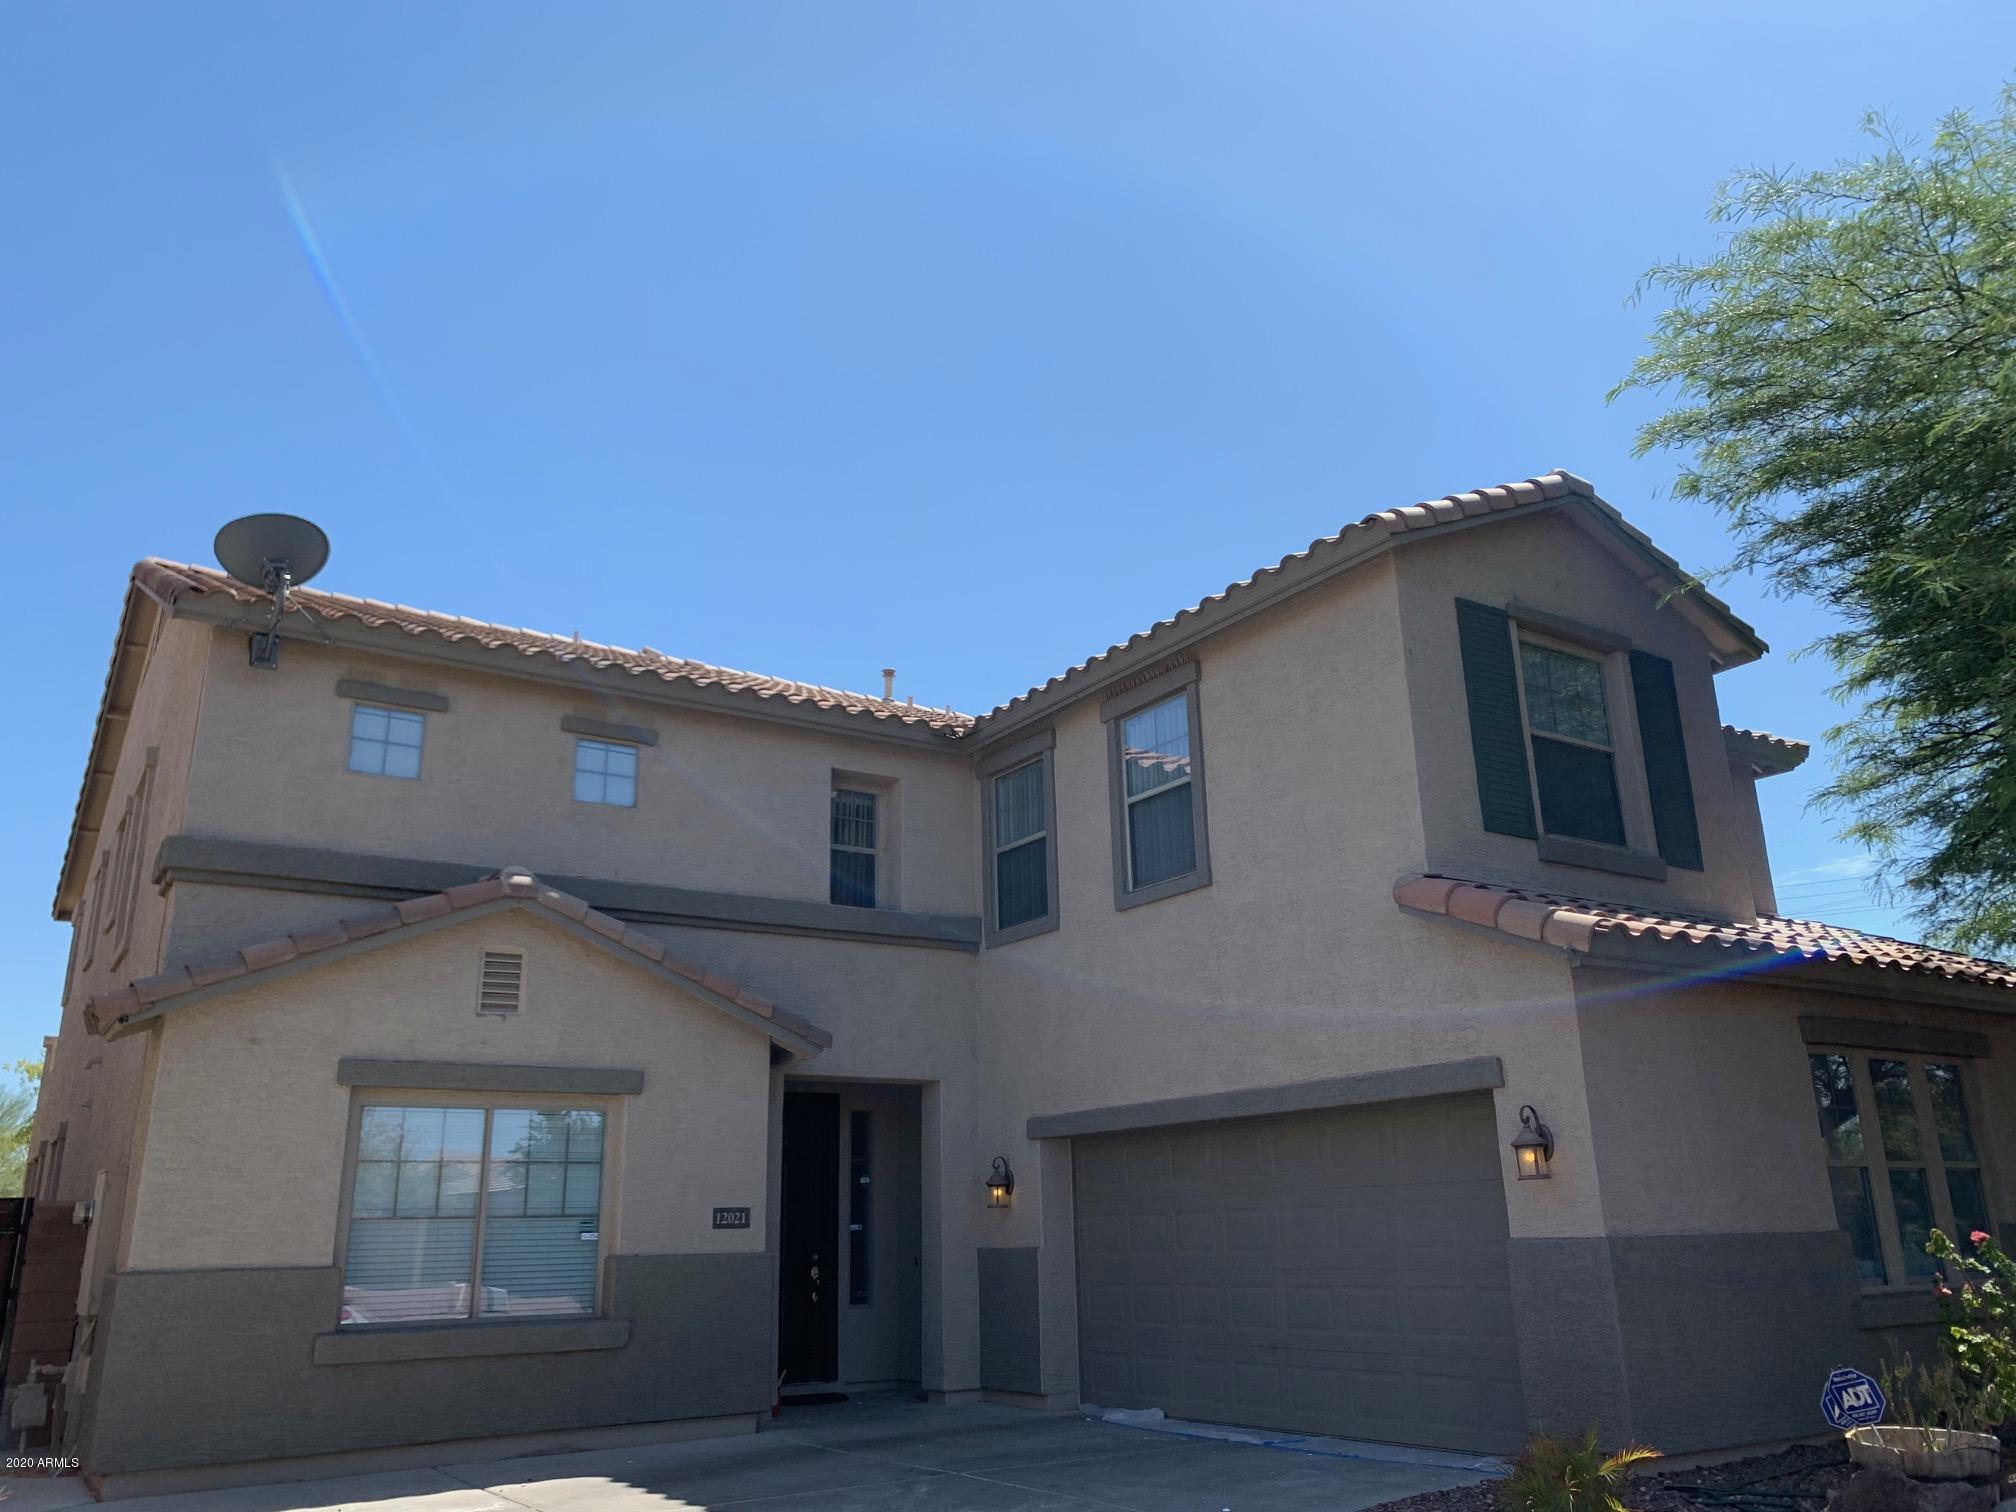 MLS 6103326 Avondale Metro Area, Avondale, AZ 85392 Avondale Homes for Rent